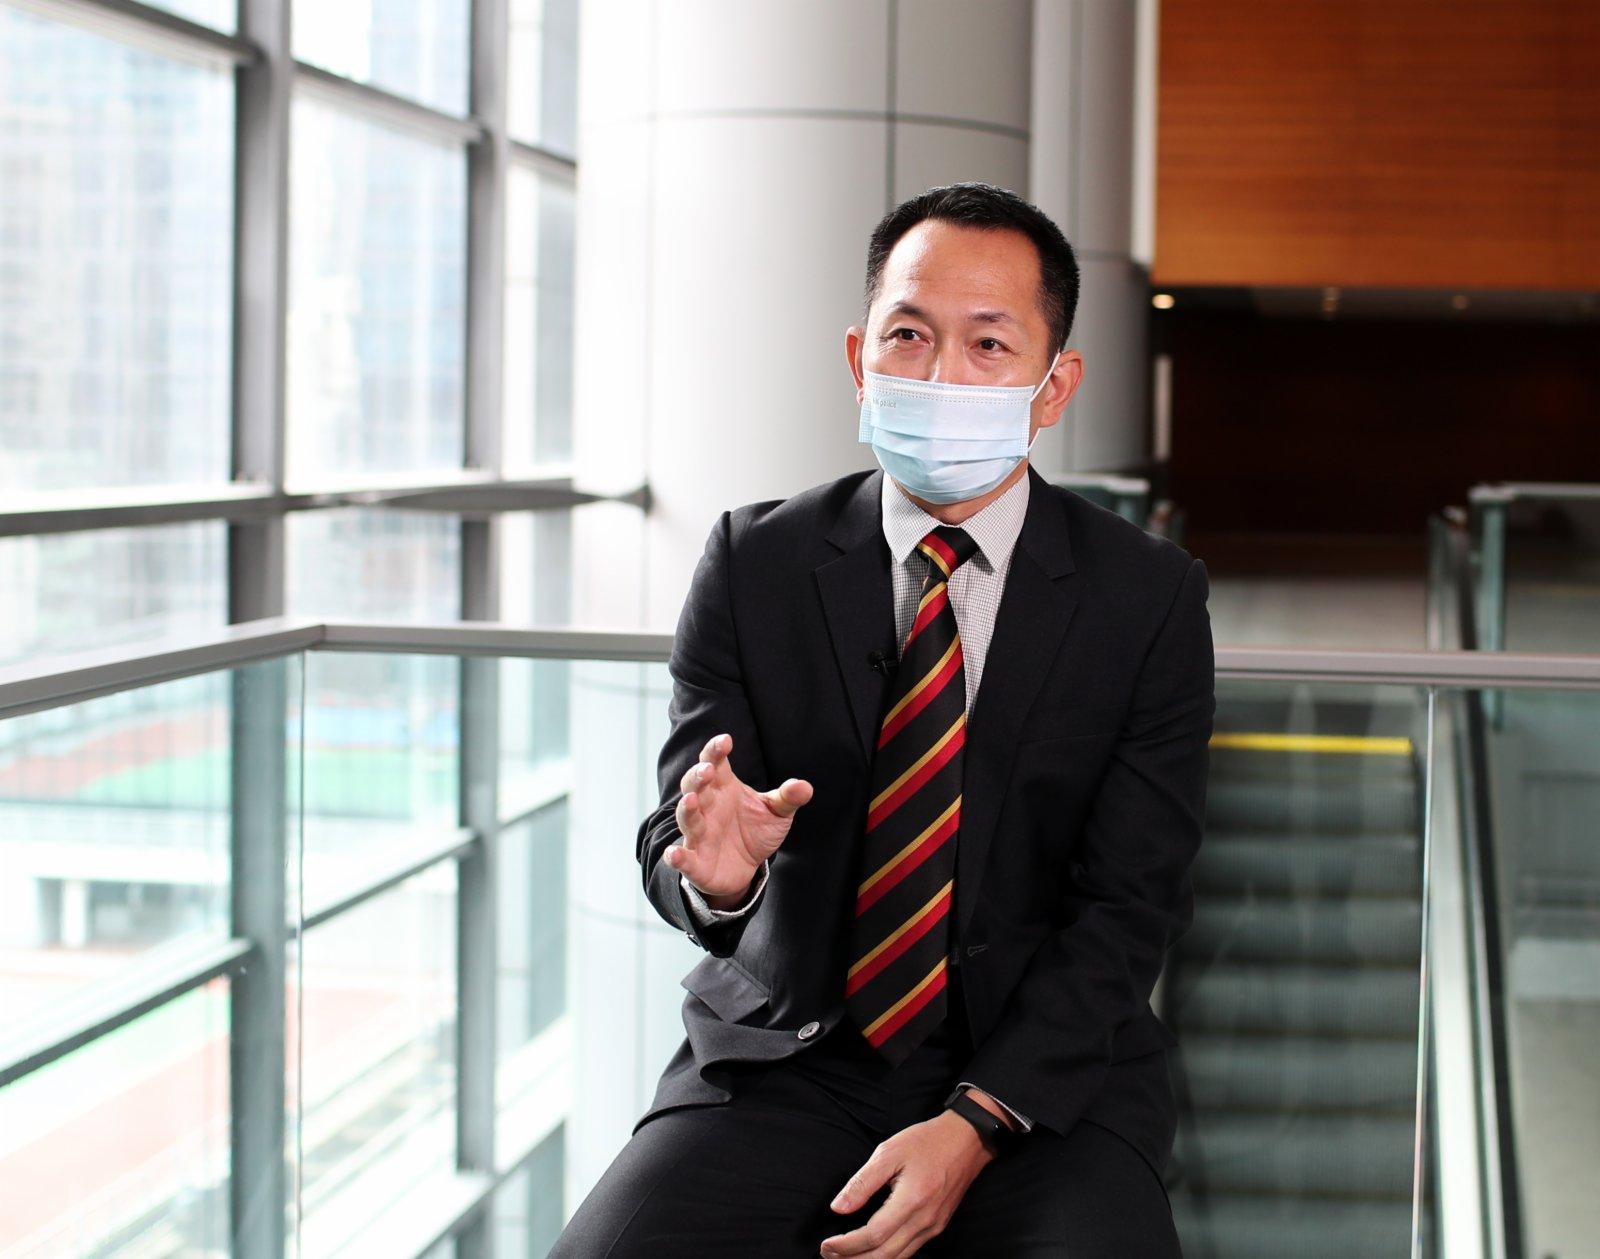 香港警務處公共關係科總督察翁海城接受採訪。(新華社)